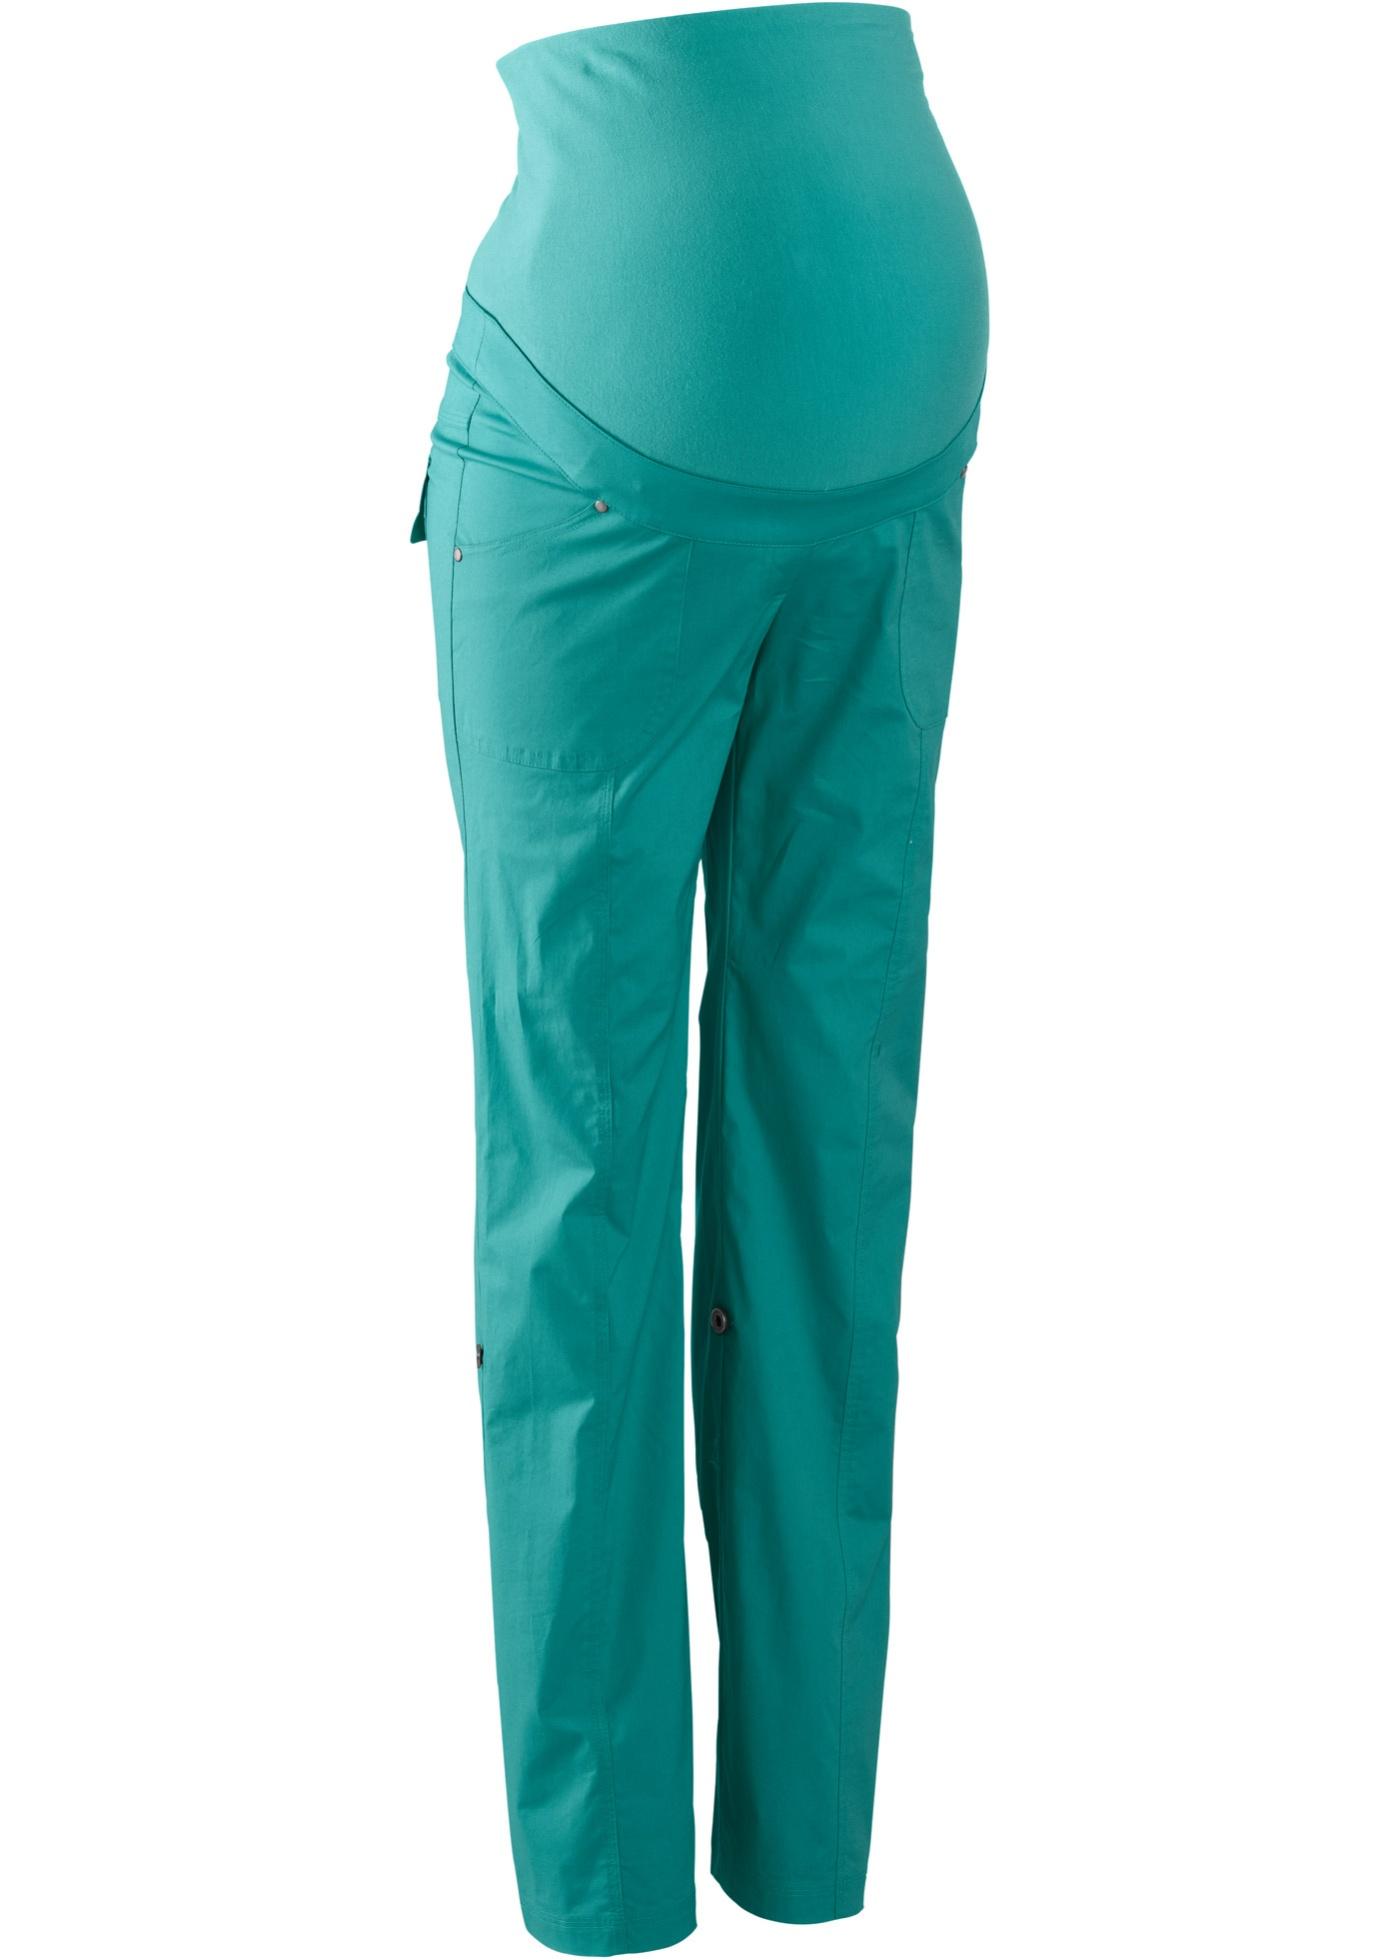 Pantalone prémaman a gamba dritta con risvolto (Verde) - bpc bonprix collection